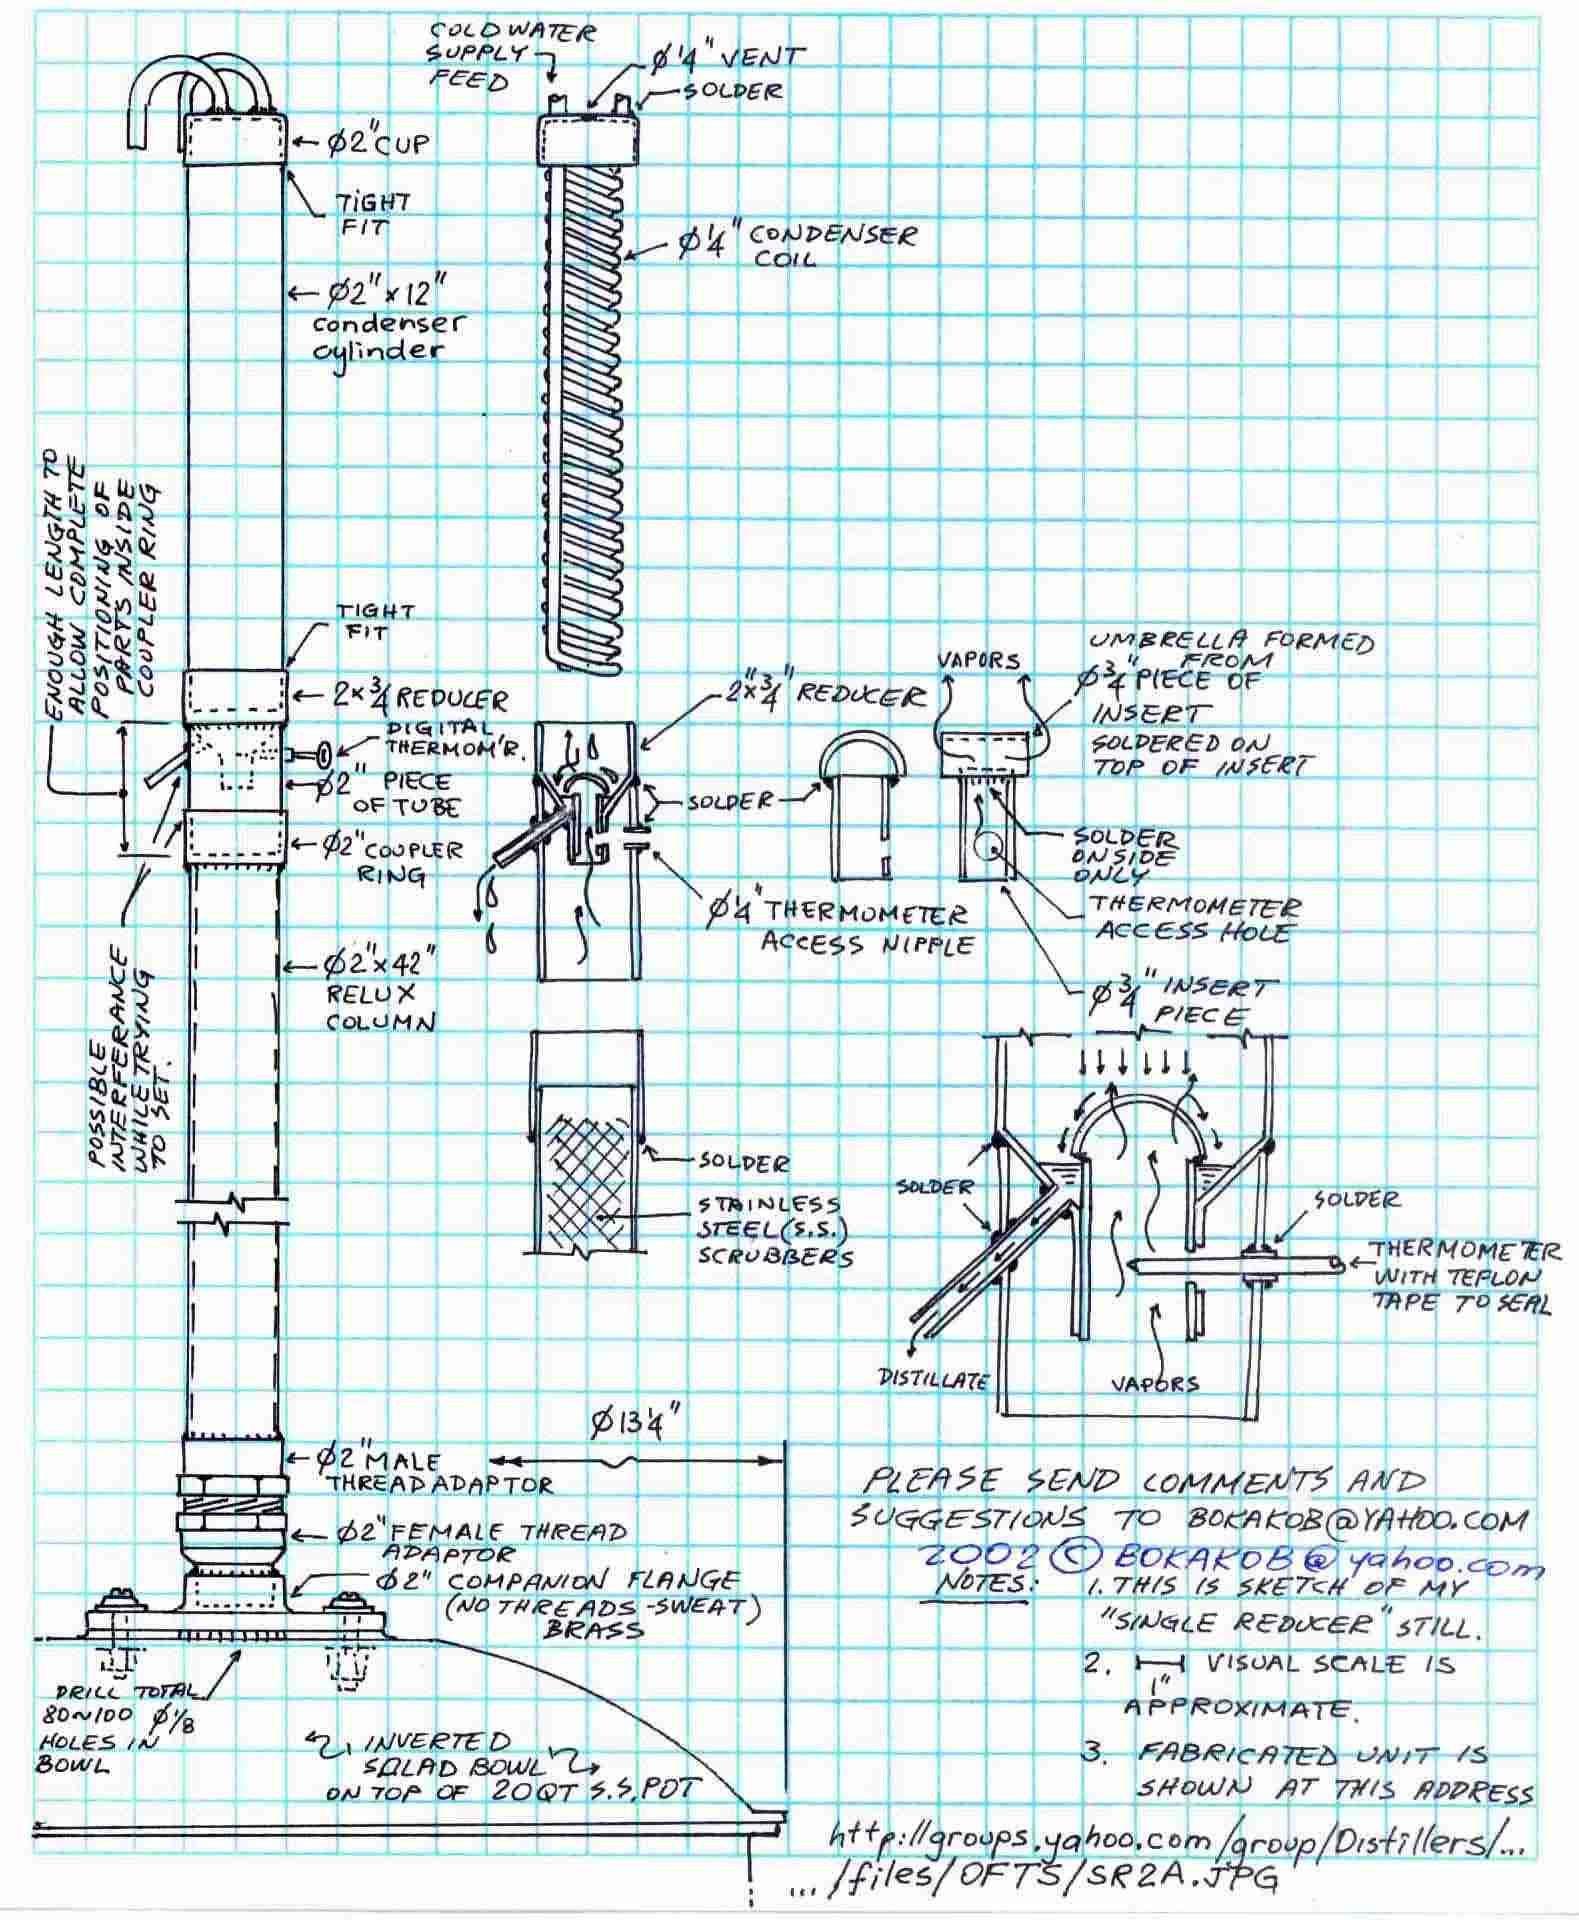 Bokakob Http Homedistiller Org Image Drawing 11 Single Reducer Sr Jpg Distillation Homemade Alcohol Still Spirits